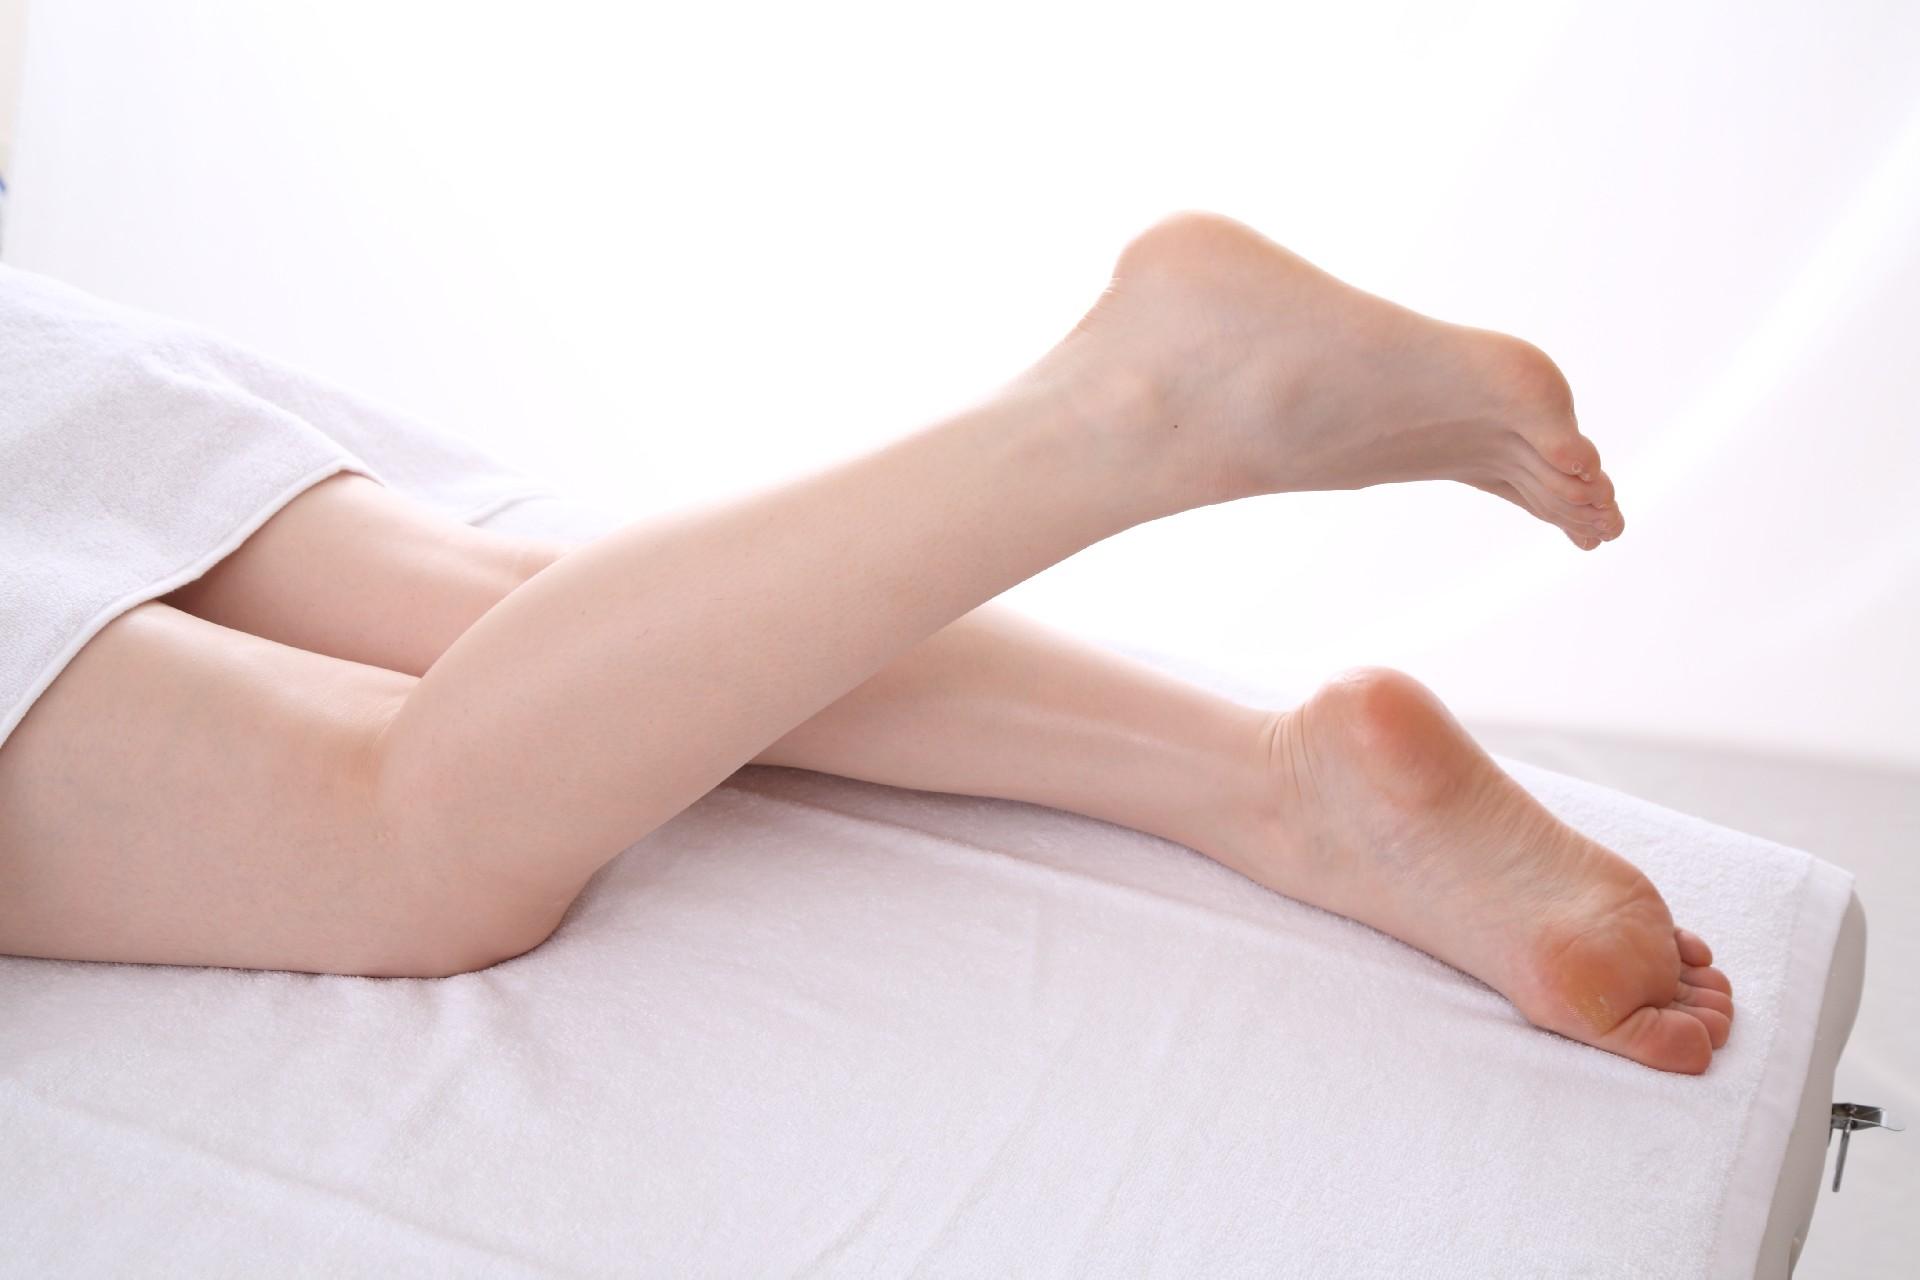 ふくらはぎの部分痩せを効果的に行う方法